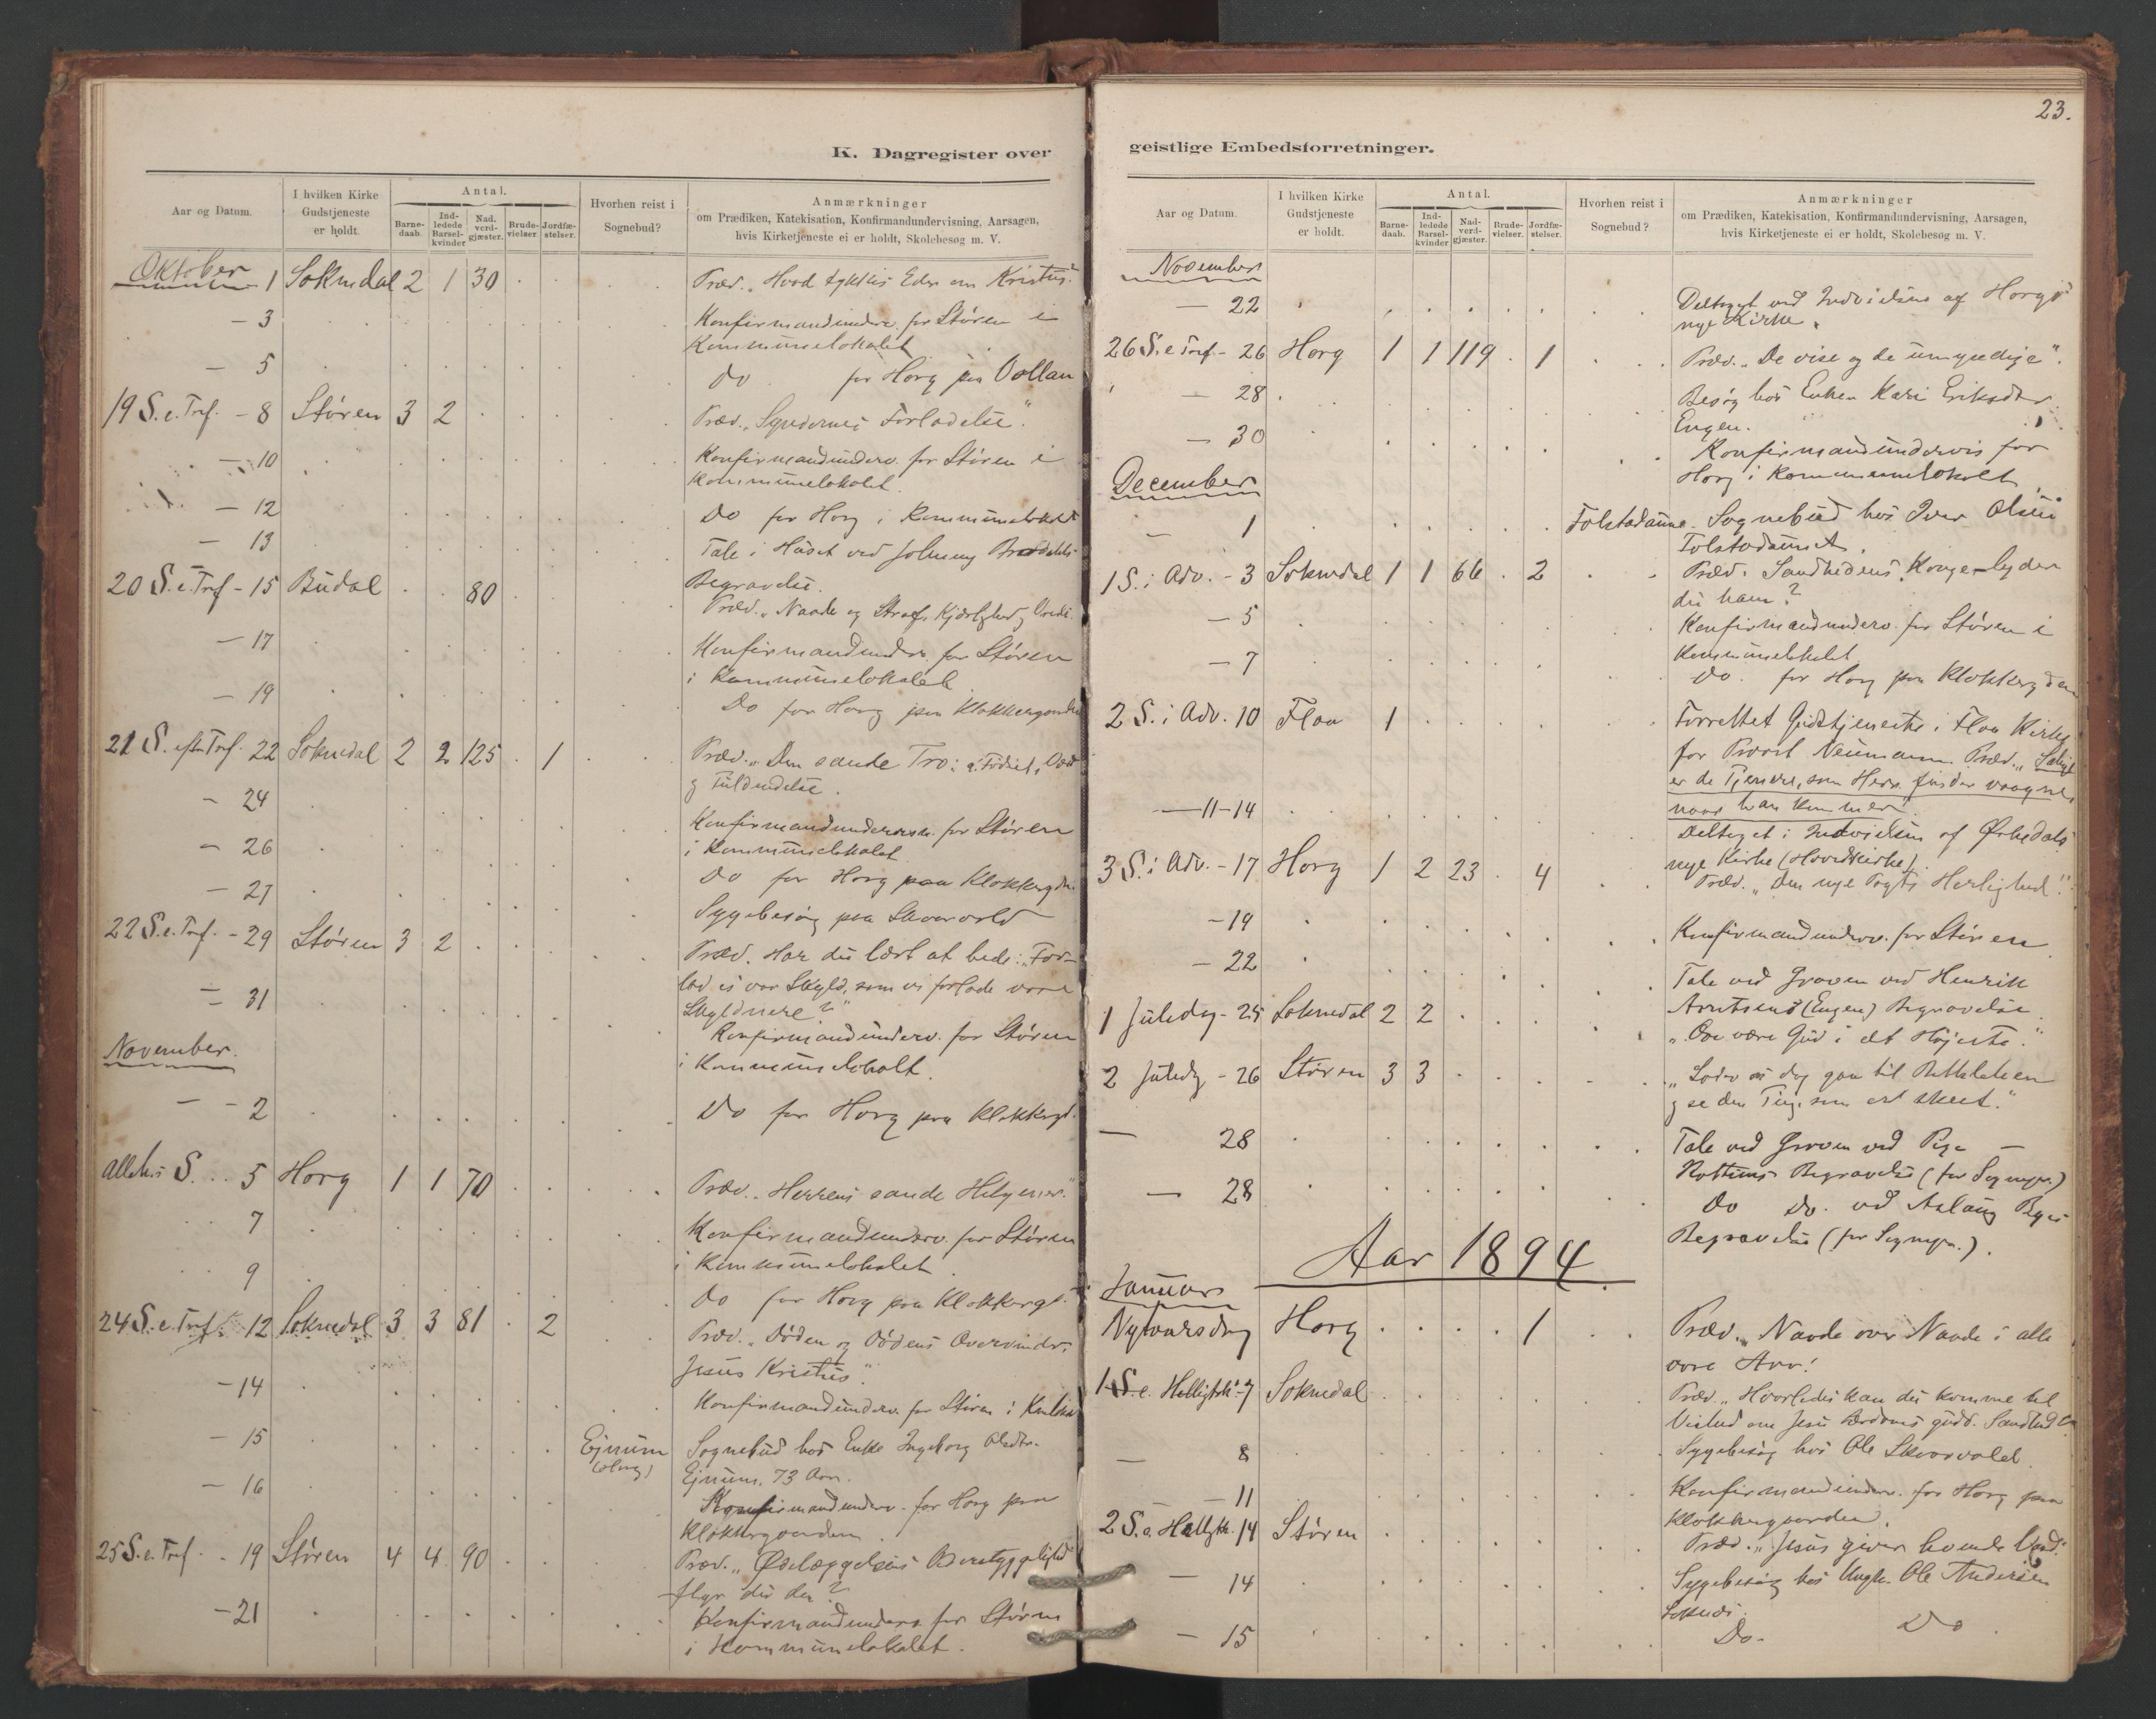 SAT, Ministerialprotokoller, klokkerbøker og fødselsregistre - Sør-Trøndelag, 687/L1012: Dagregister nr. 687B01, 1887-1914, s. 23